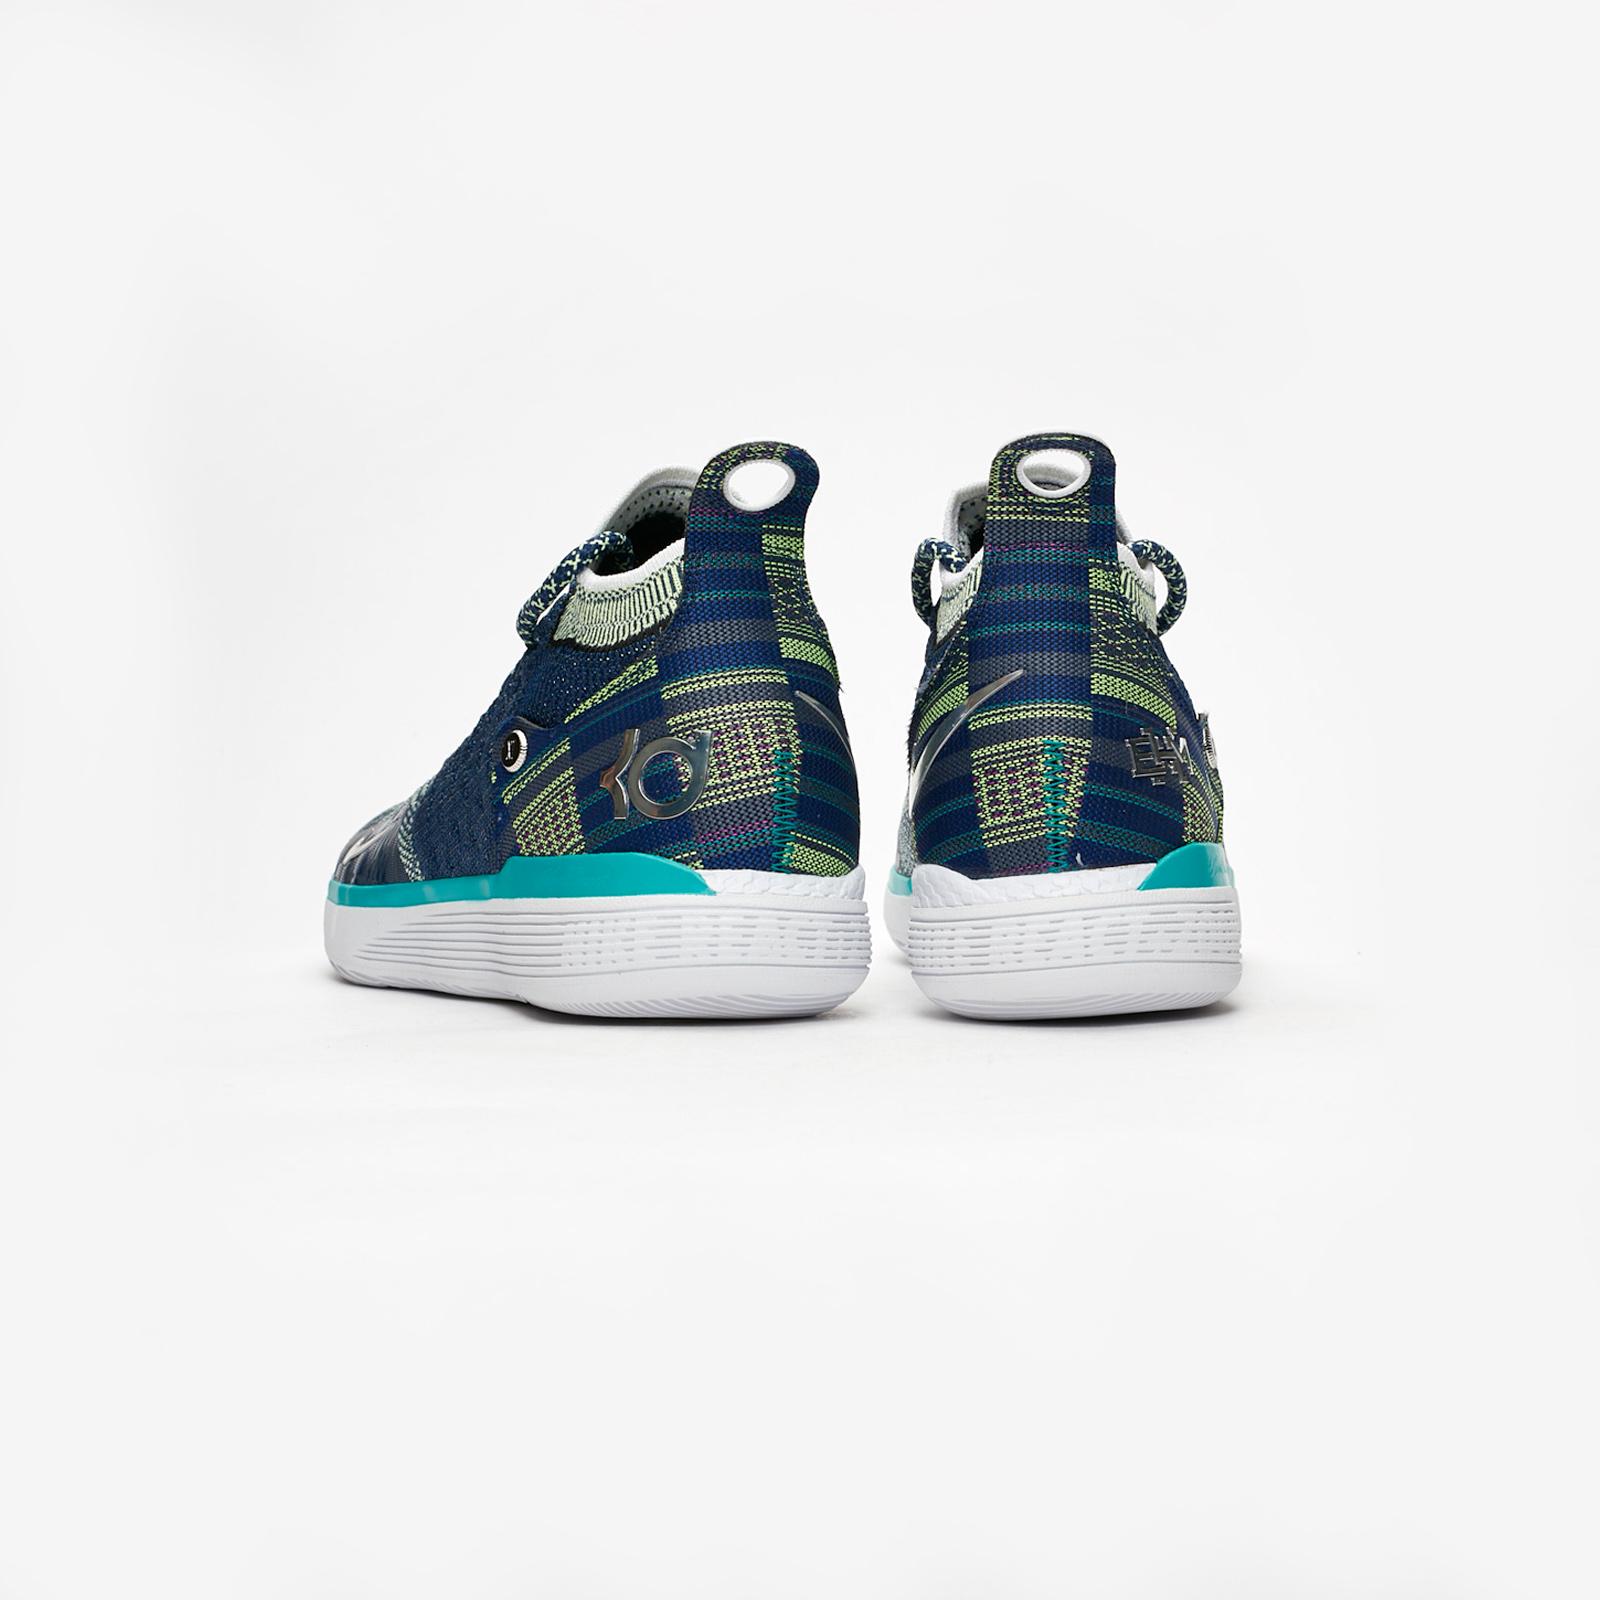 faa8d7b9c5ed Nike Zoom KD11 BHM - Bq6245-400 - Sneakersnstuff